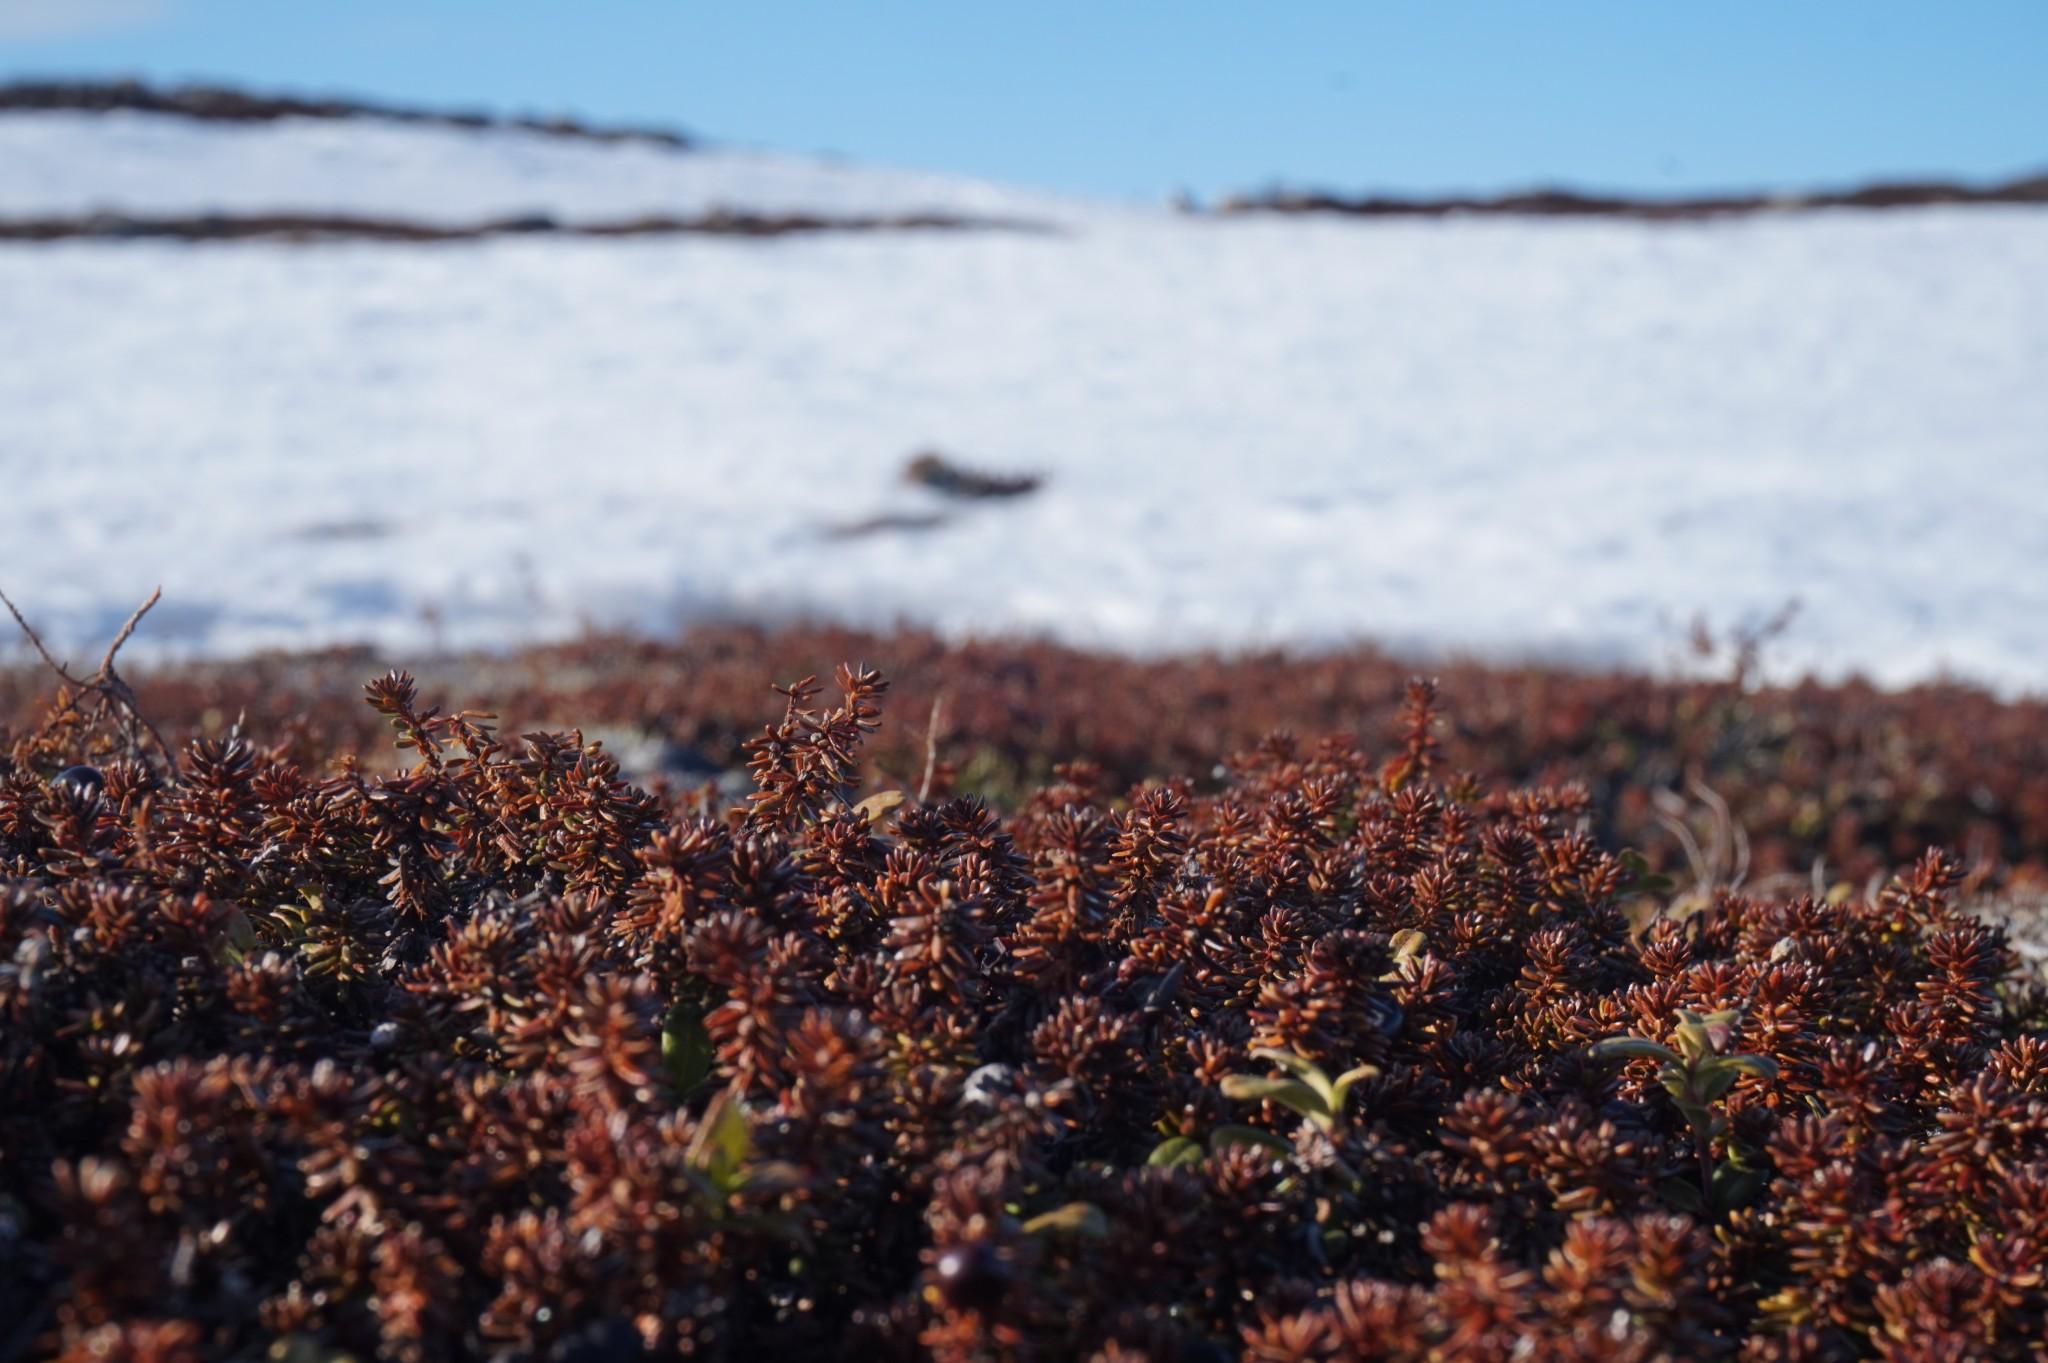 Alma Arktika Kaldoaivi Nuorgam (360)